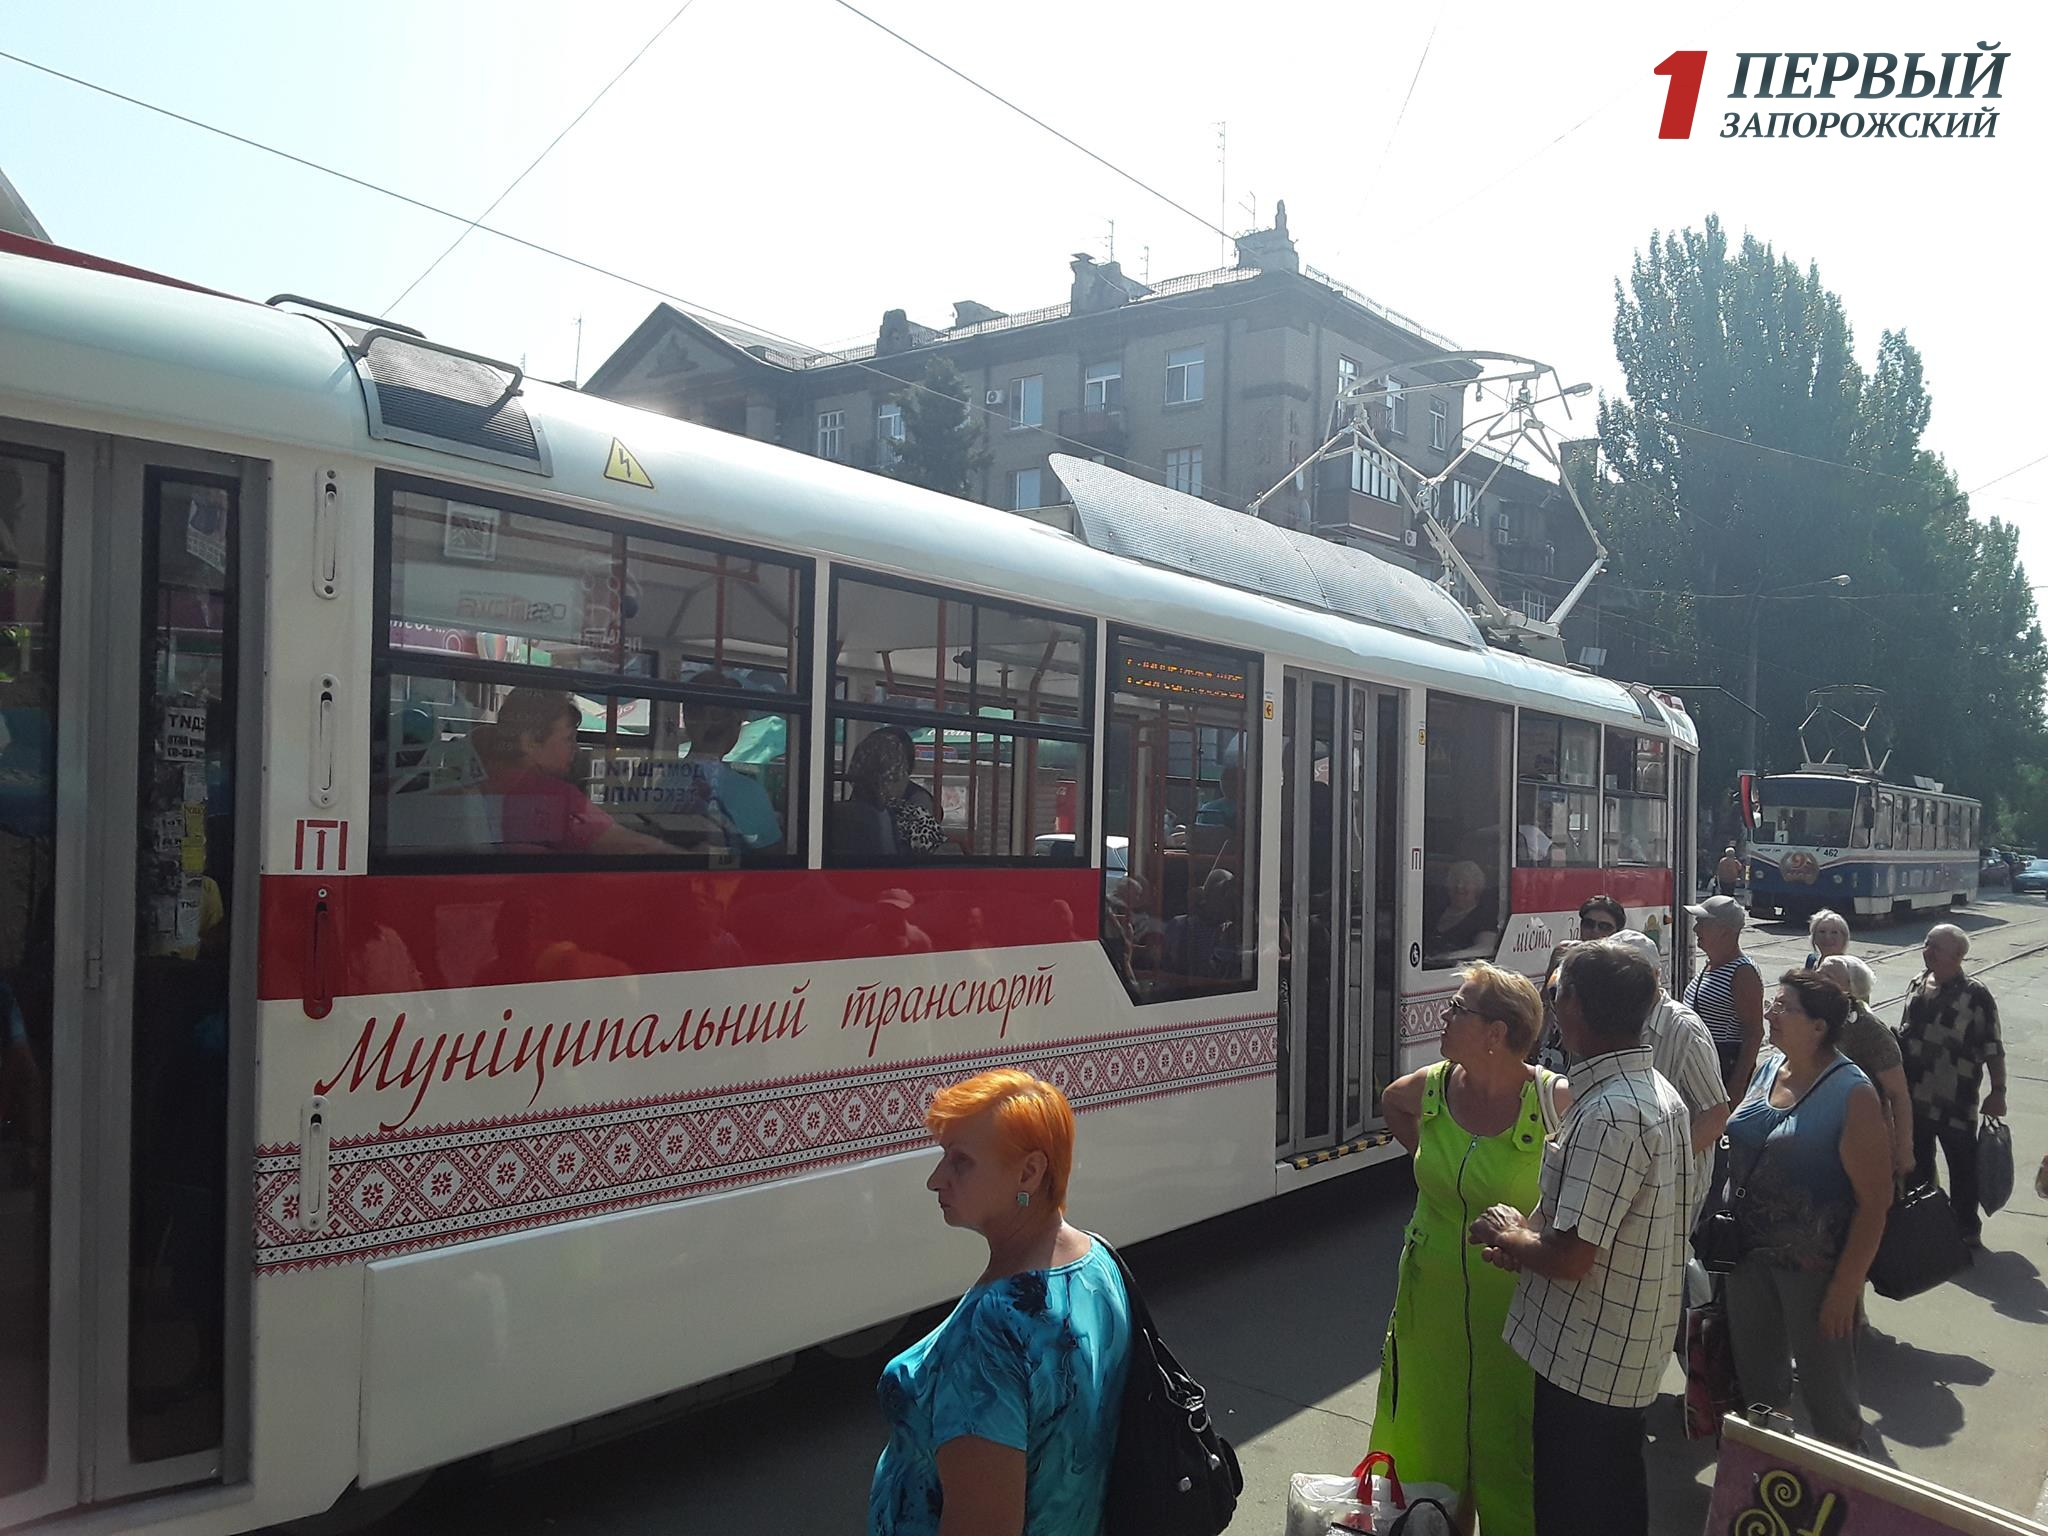 1-ый трамвай запорожской сборки вышел намаршрут